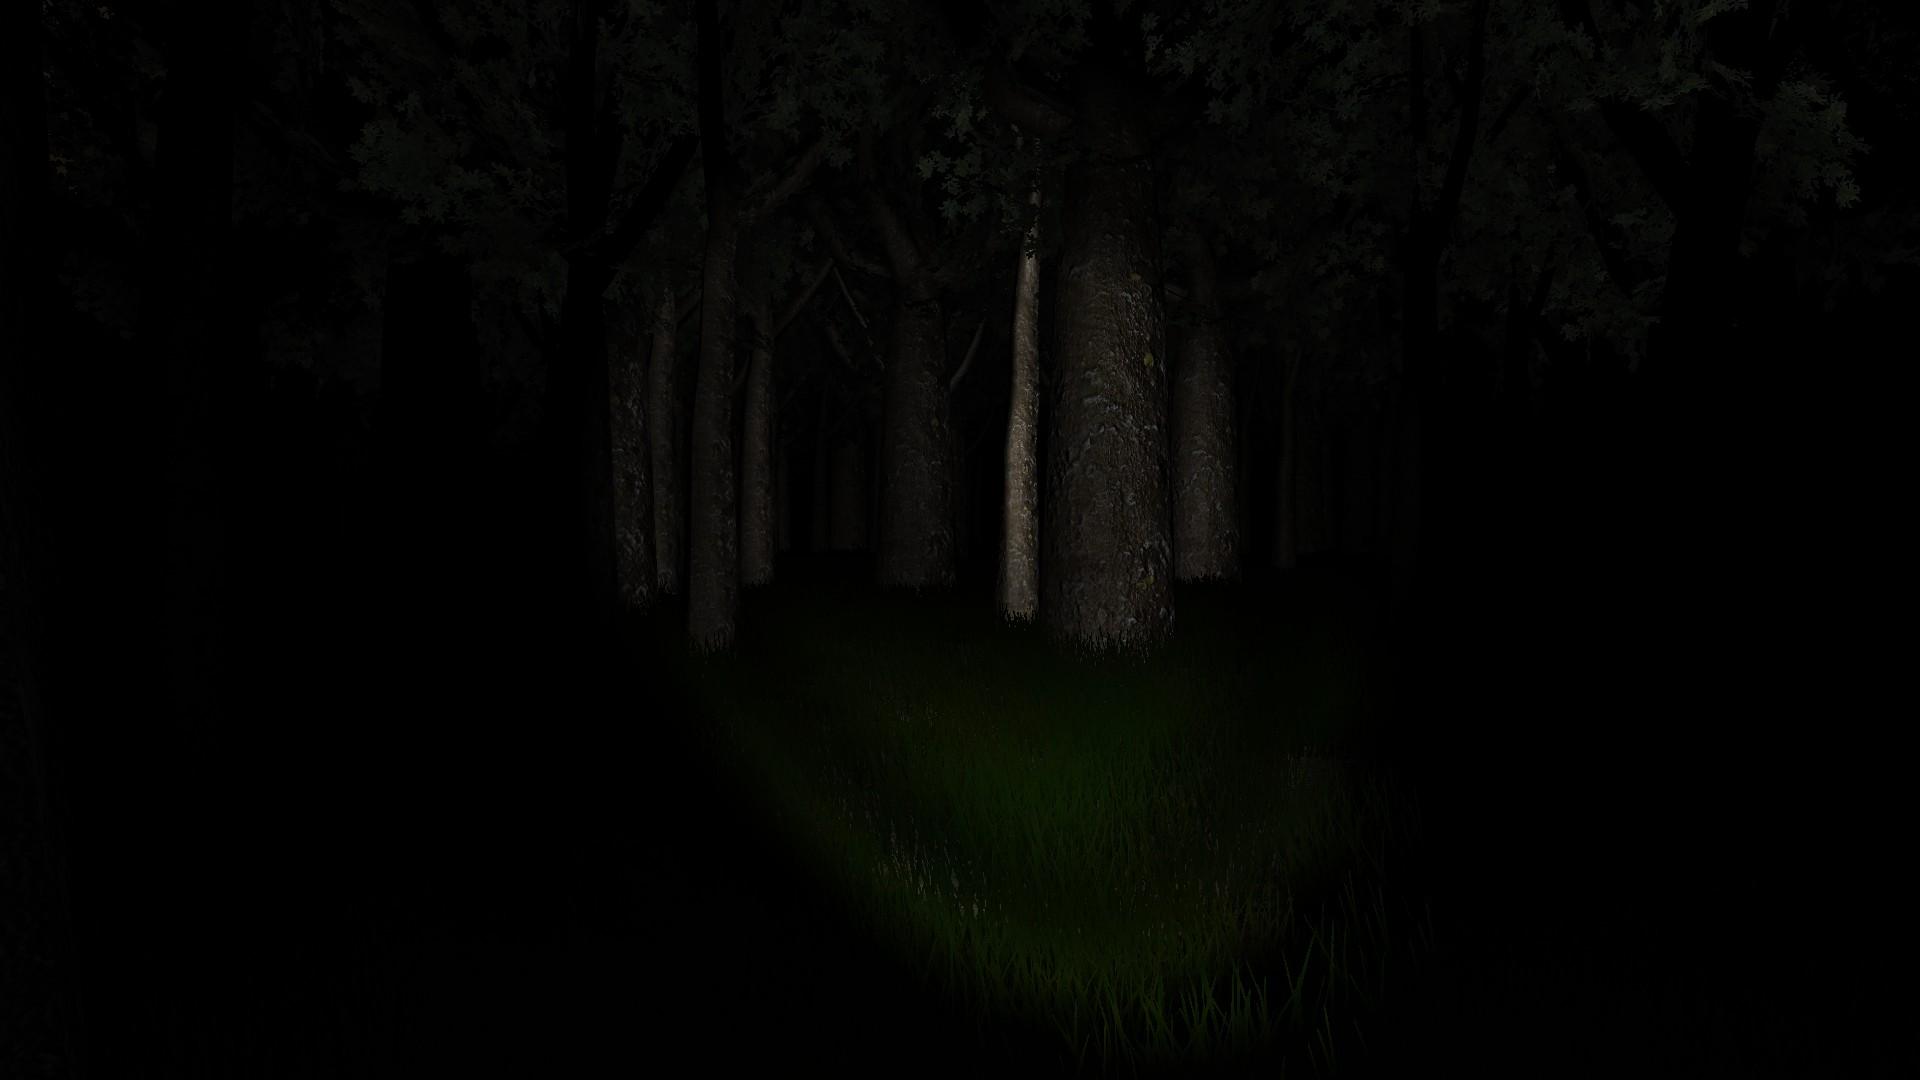 spiele zum erschrecken